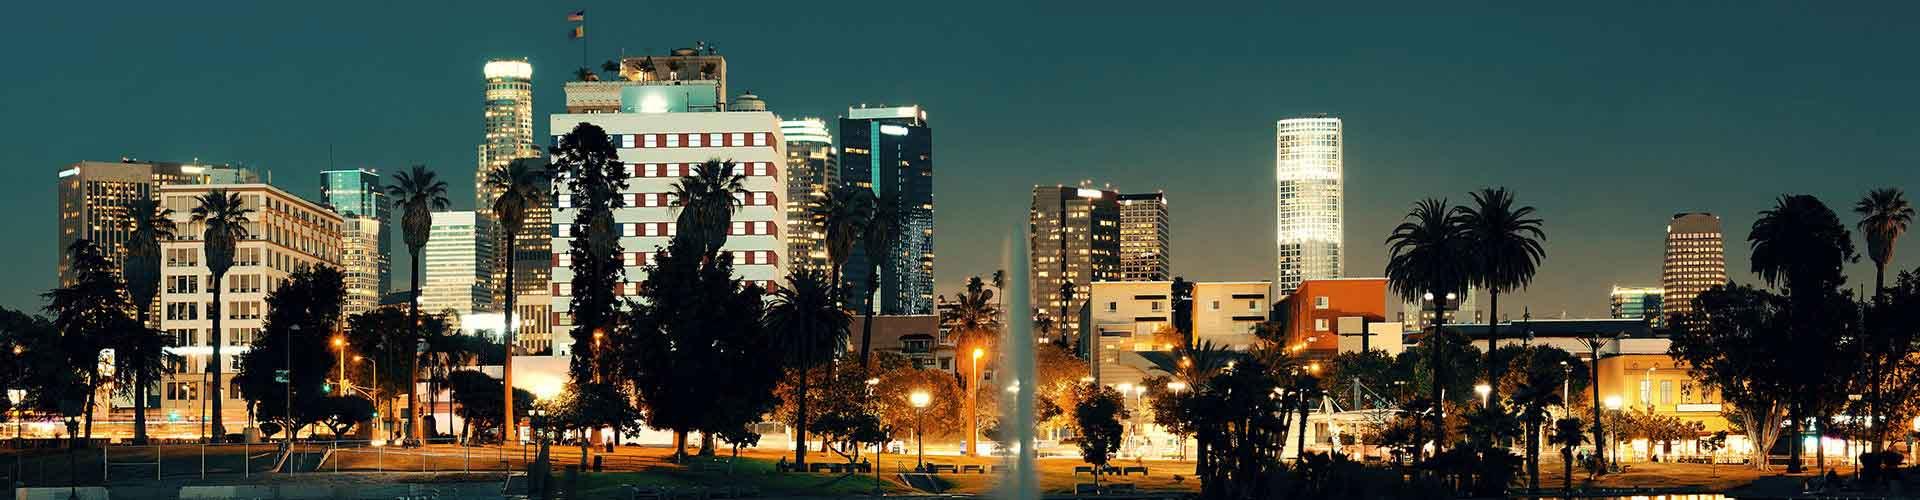 Los Ángeles - Albergues en Los Ángeles. Mapas de Los Ángeles, Fotos y Comentarios para cada Albergue en Los Ángeles.